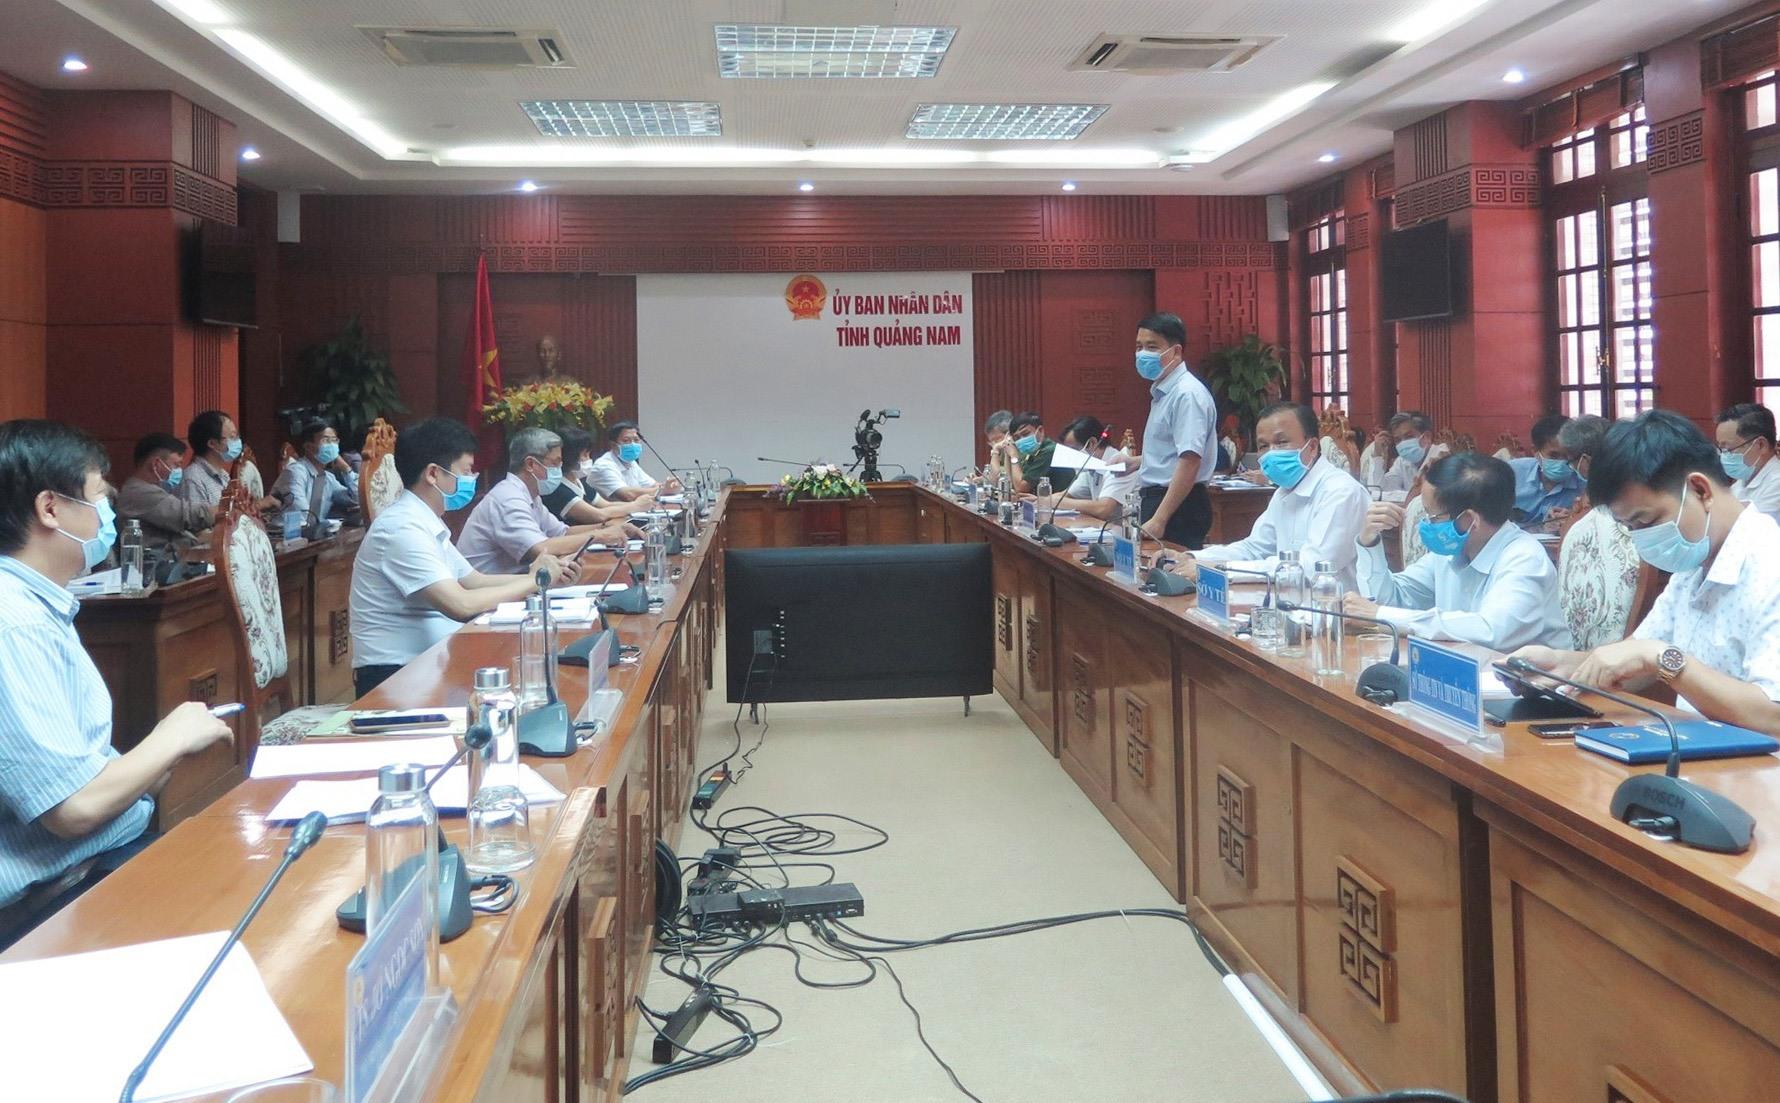 Đoàn công tác Bộ Y tế làm việc với Quảng Nam về công tác điều trị bệnh nhân Covid-19. Ảnh: X.H